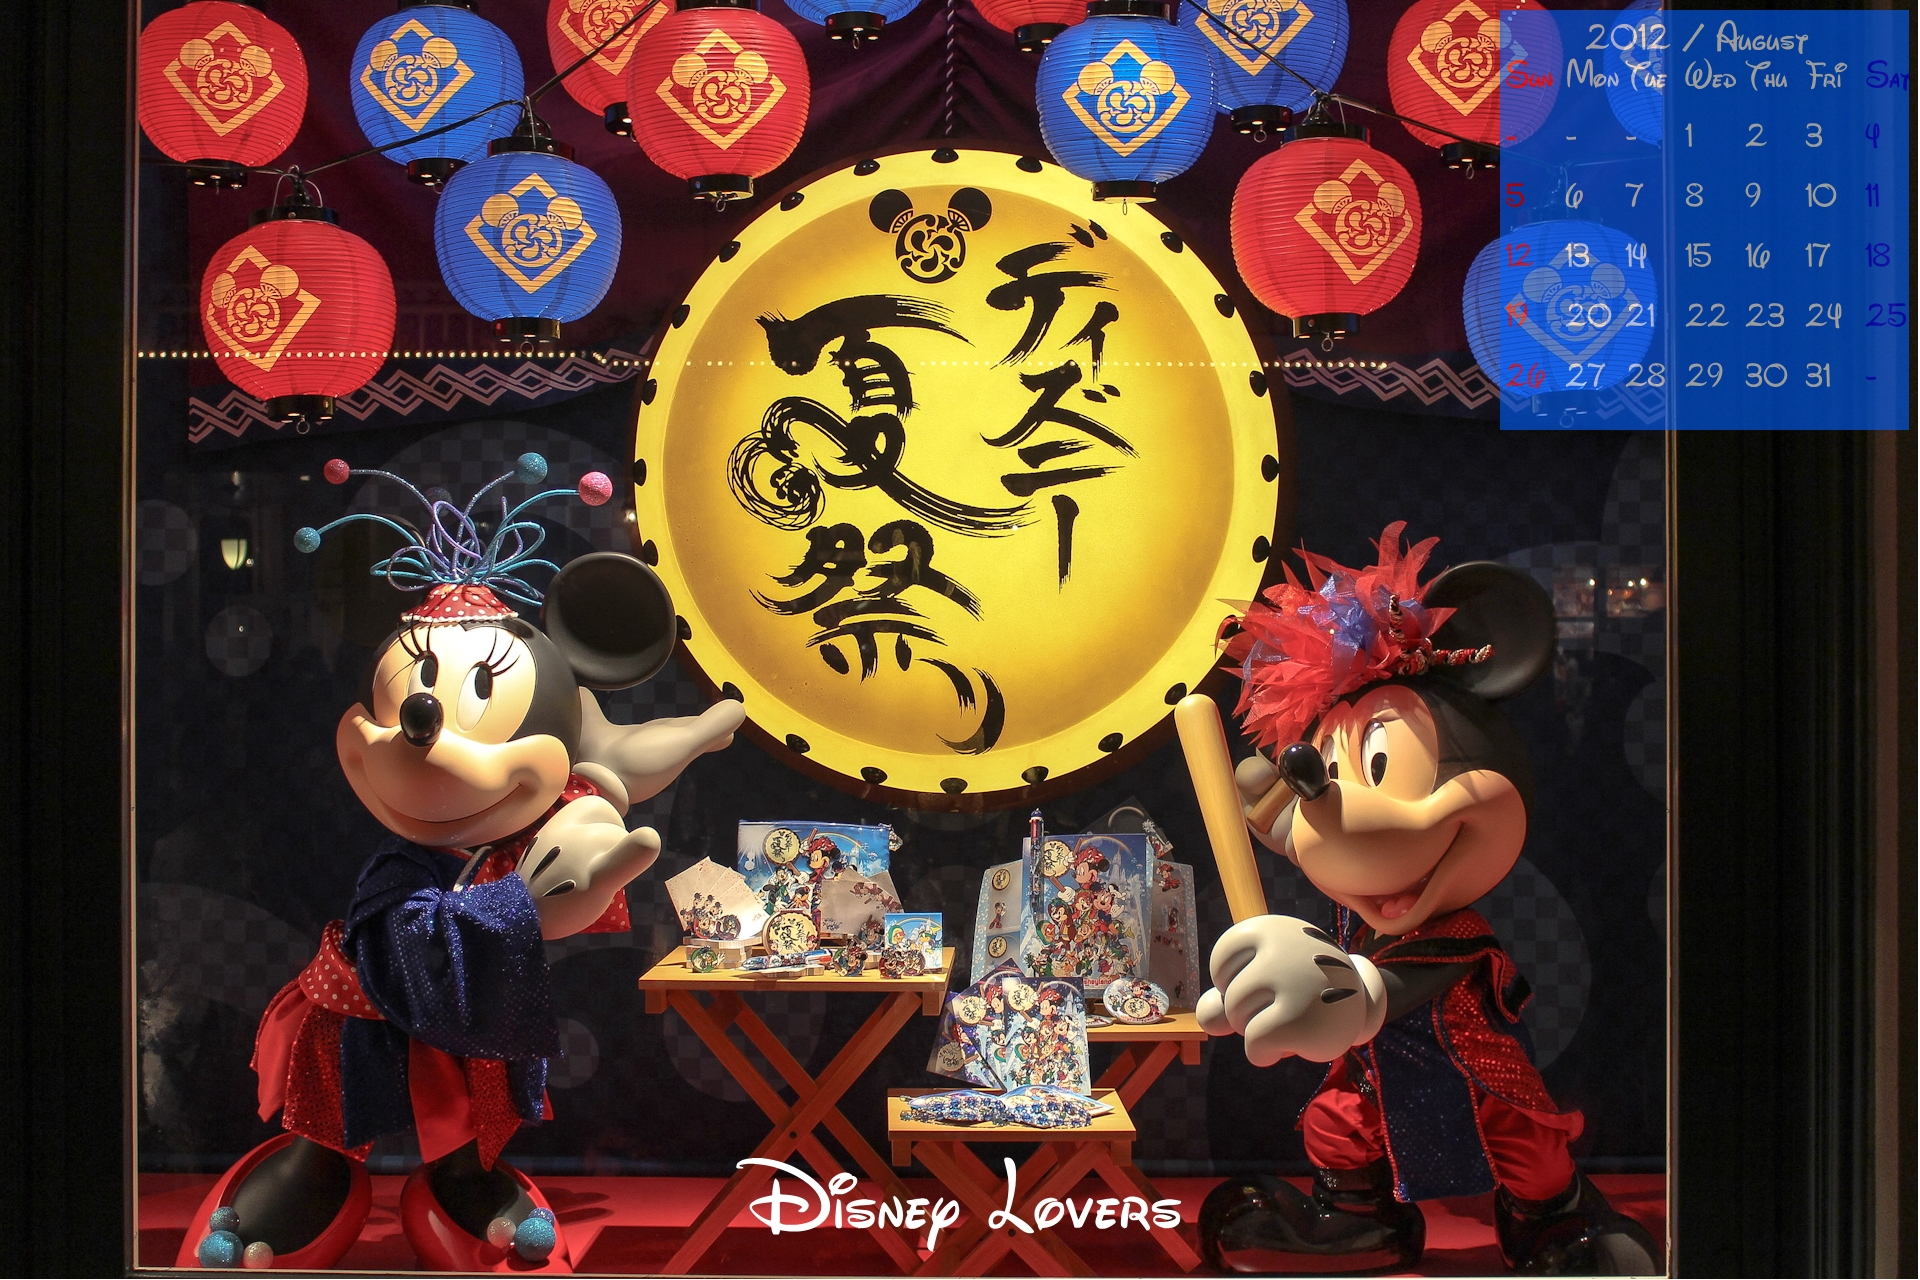 ディズニー夏祭り ミッキー ミニーpc壁紙 ディズニー大好きブログ